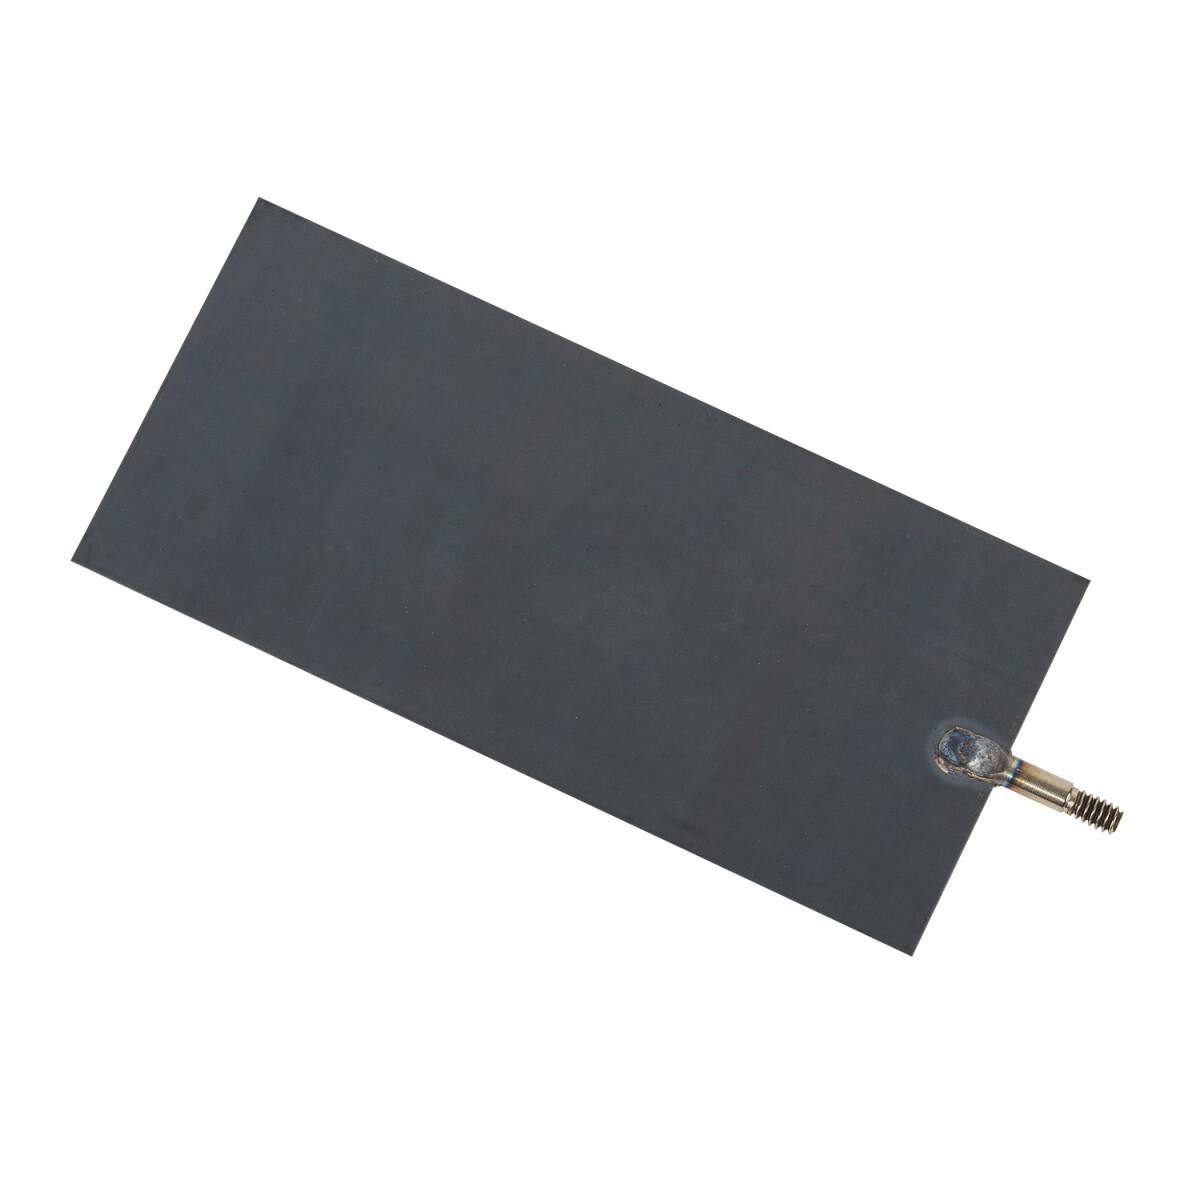 Пластина Autochlor анодна з титановими різьбовими штифтами для осередків SMC20